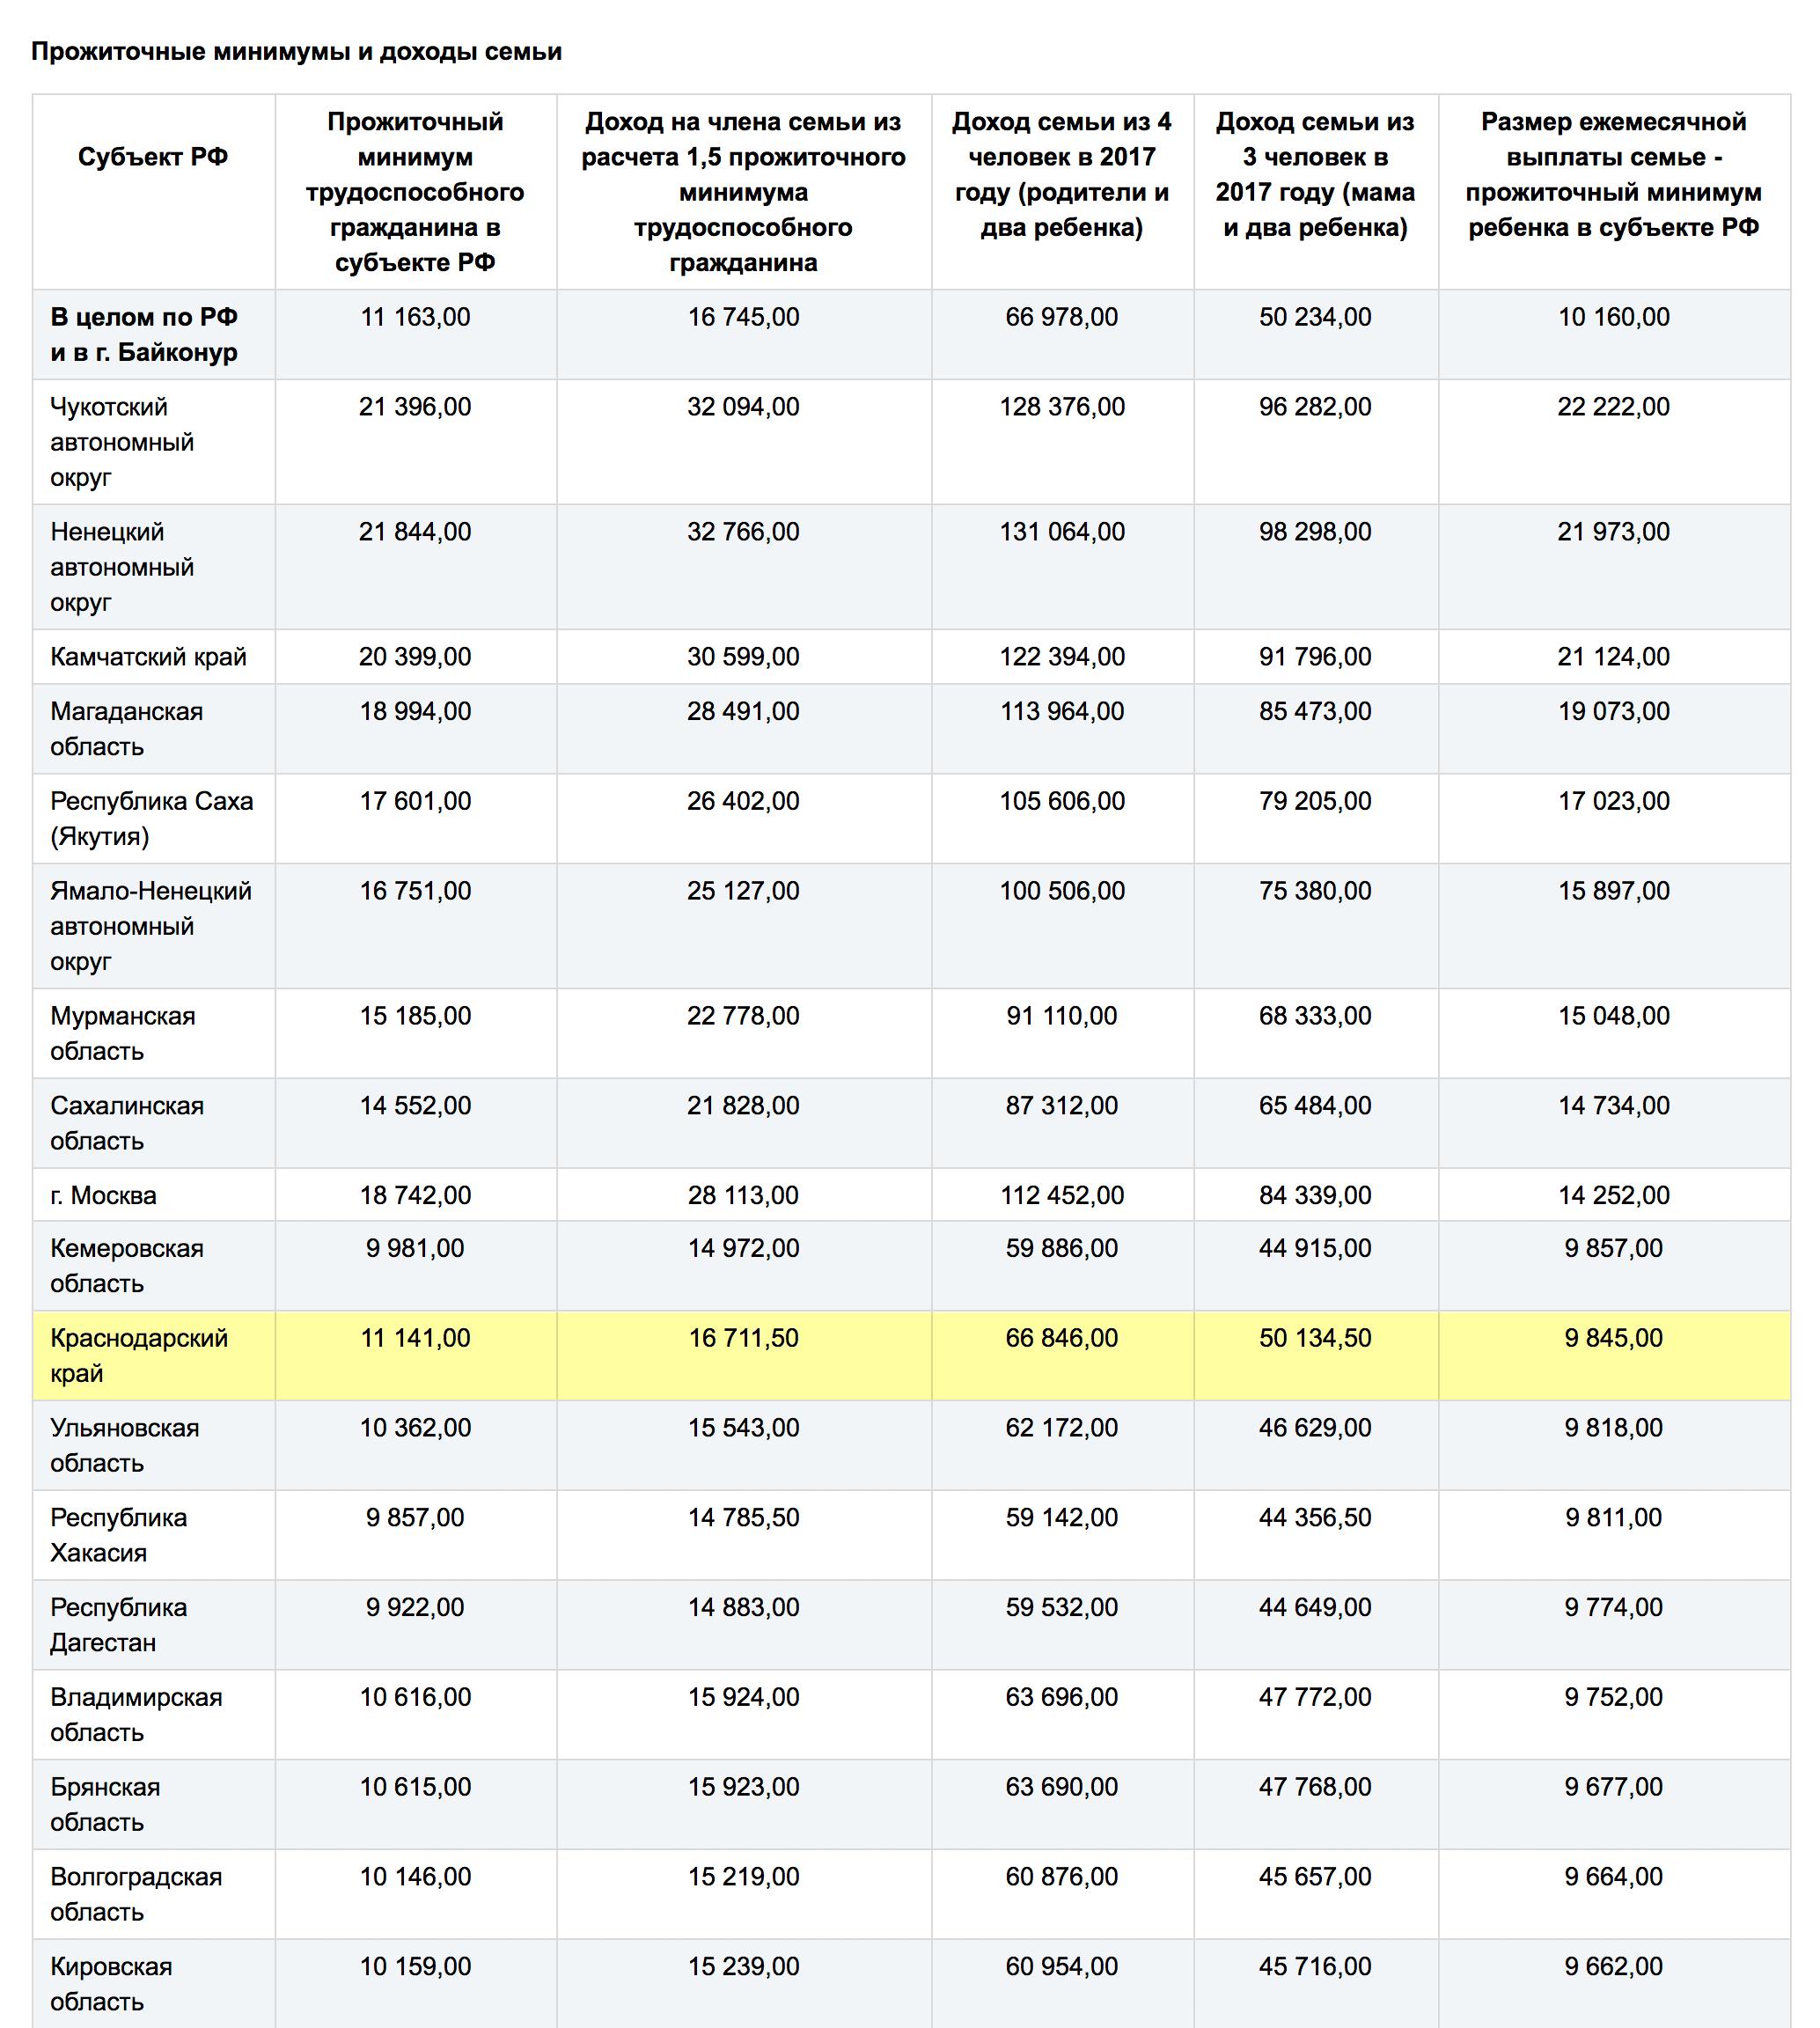 Каждый год эти цифры меняют, их индексируют чиновники